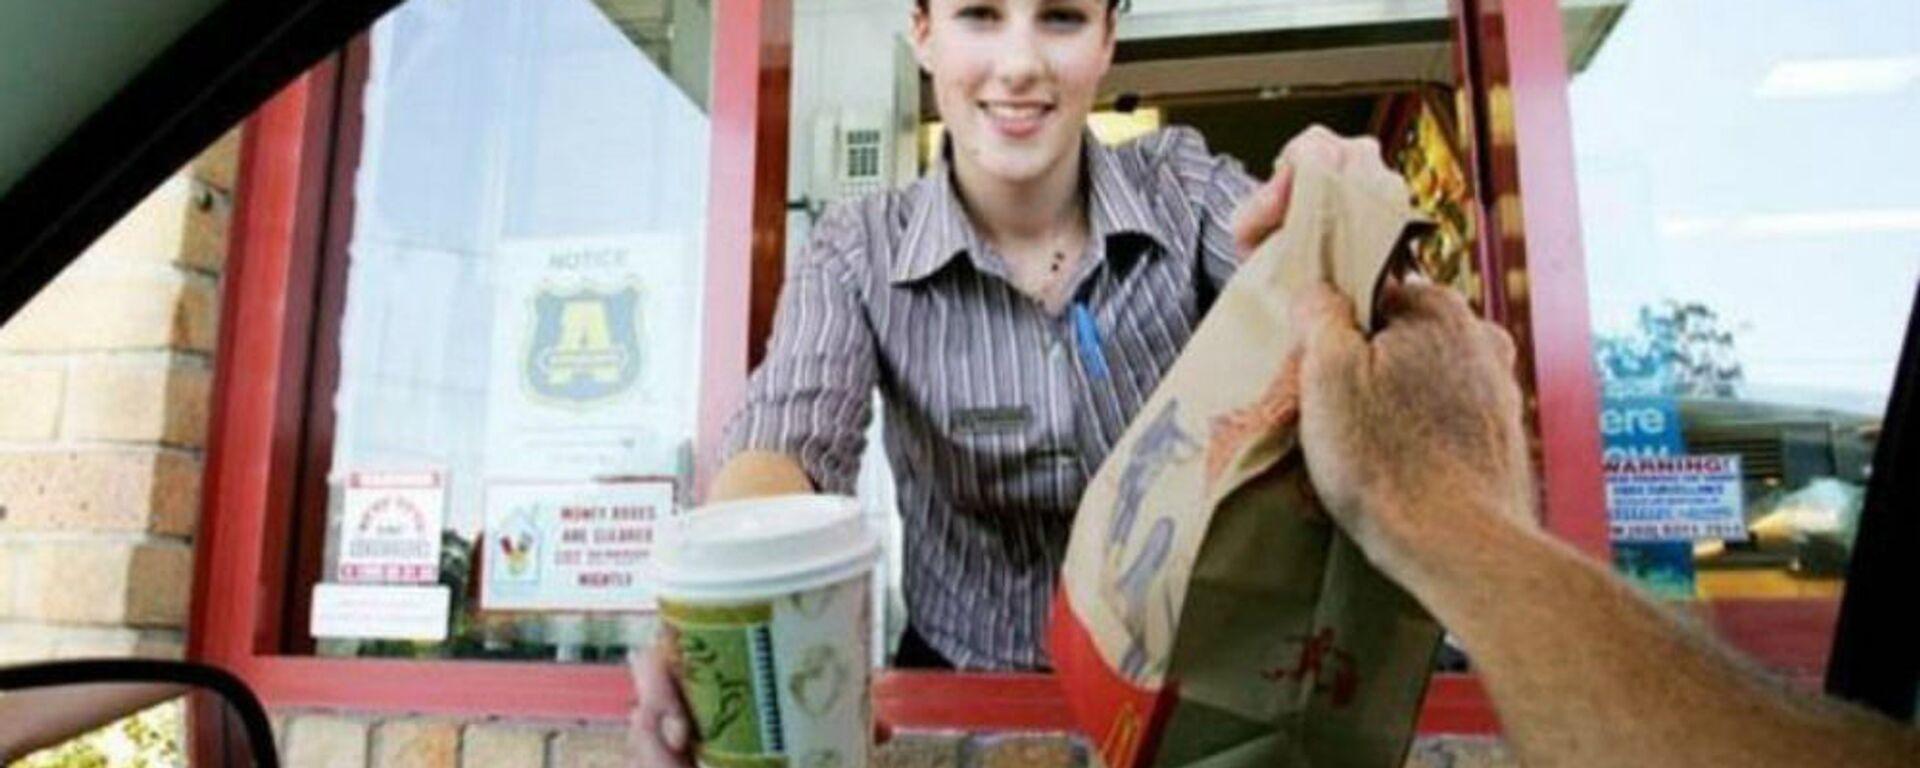 Υπάλληλος σε κατάστημα McDonald's - Sputnik Ελλάδα, 1920, 24.12.2020